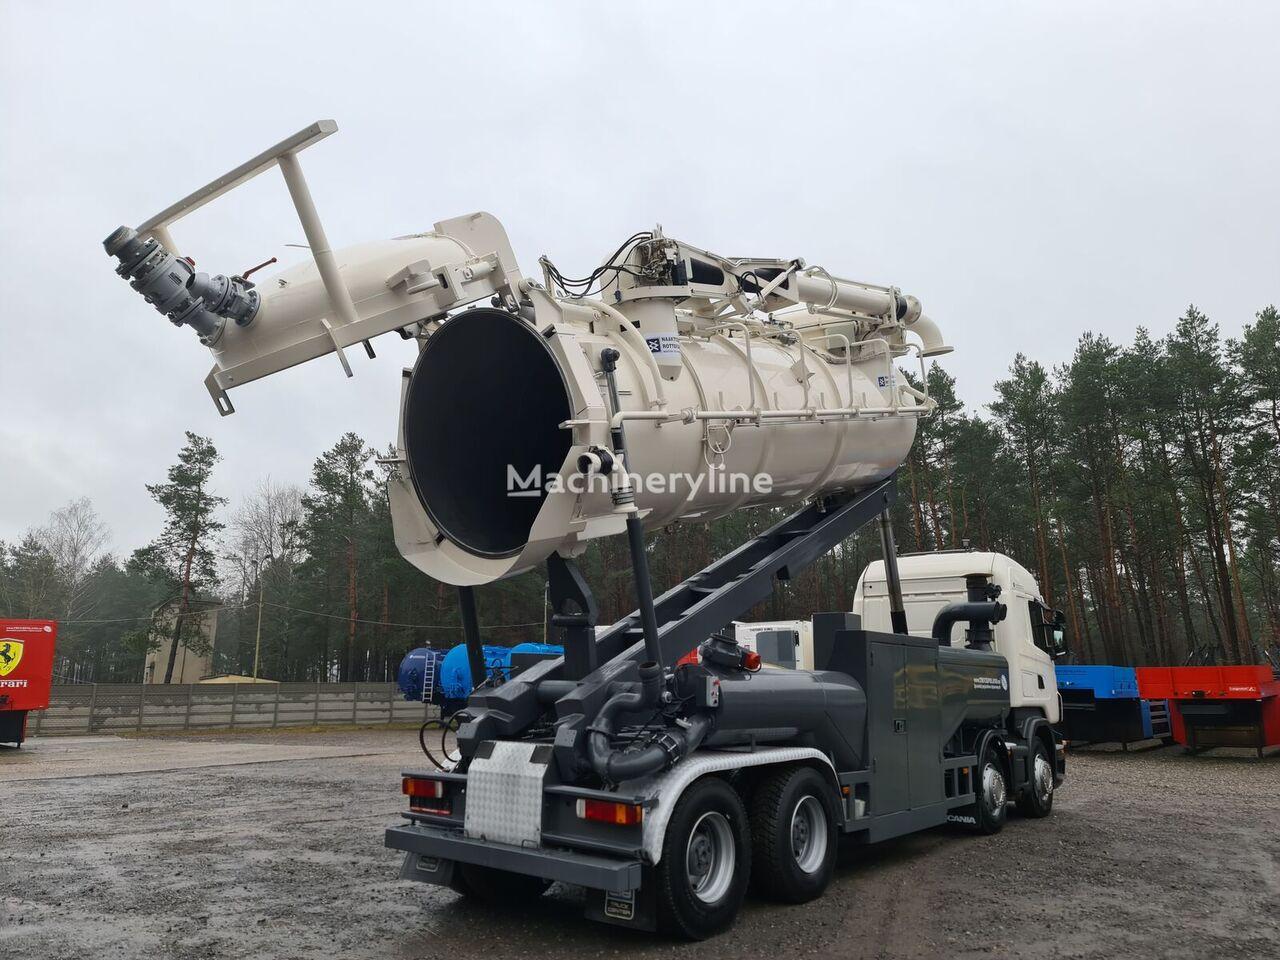 SCANIA Vacuum Naaktgeboren Vacu-press 8000 Hi-Lift sucking blowing ( Ko combinado para limpieza de alcantarillado